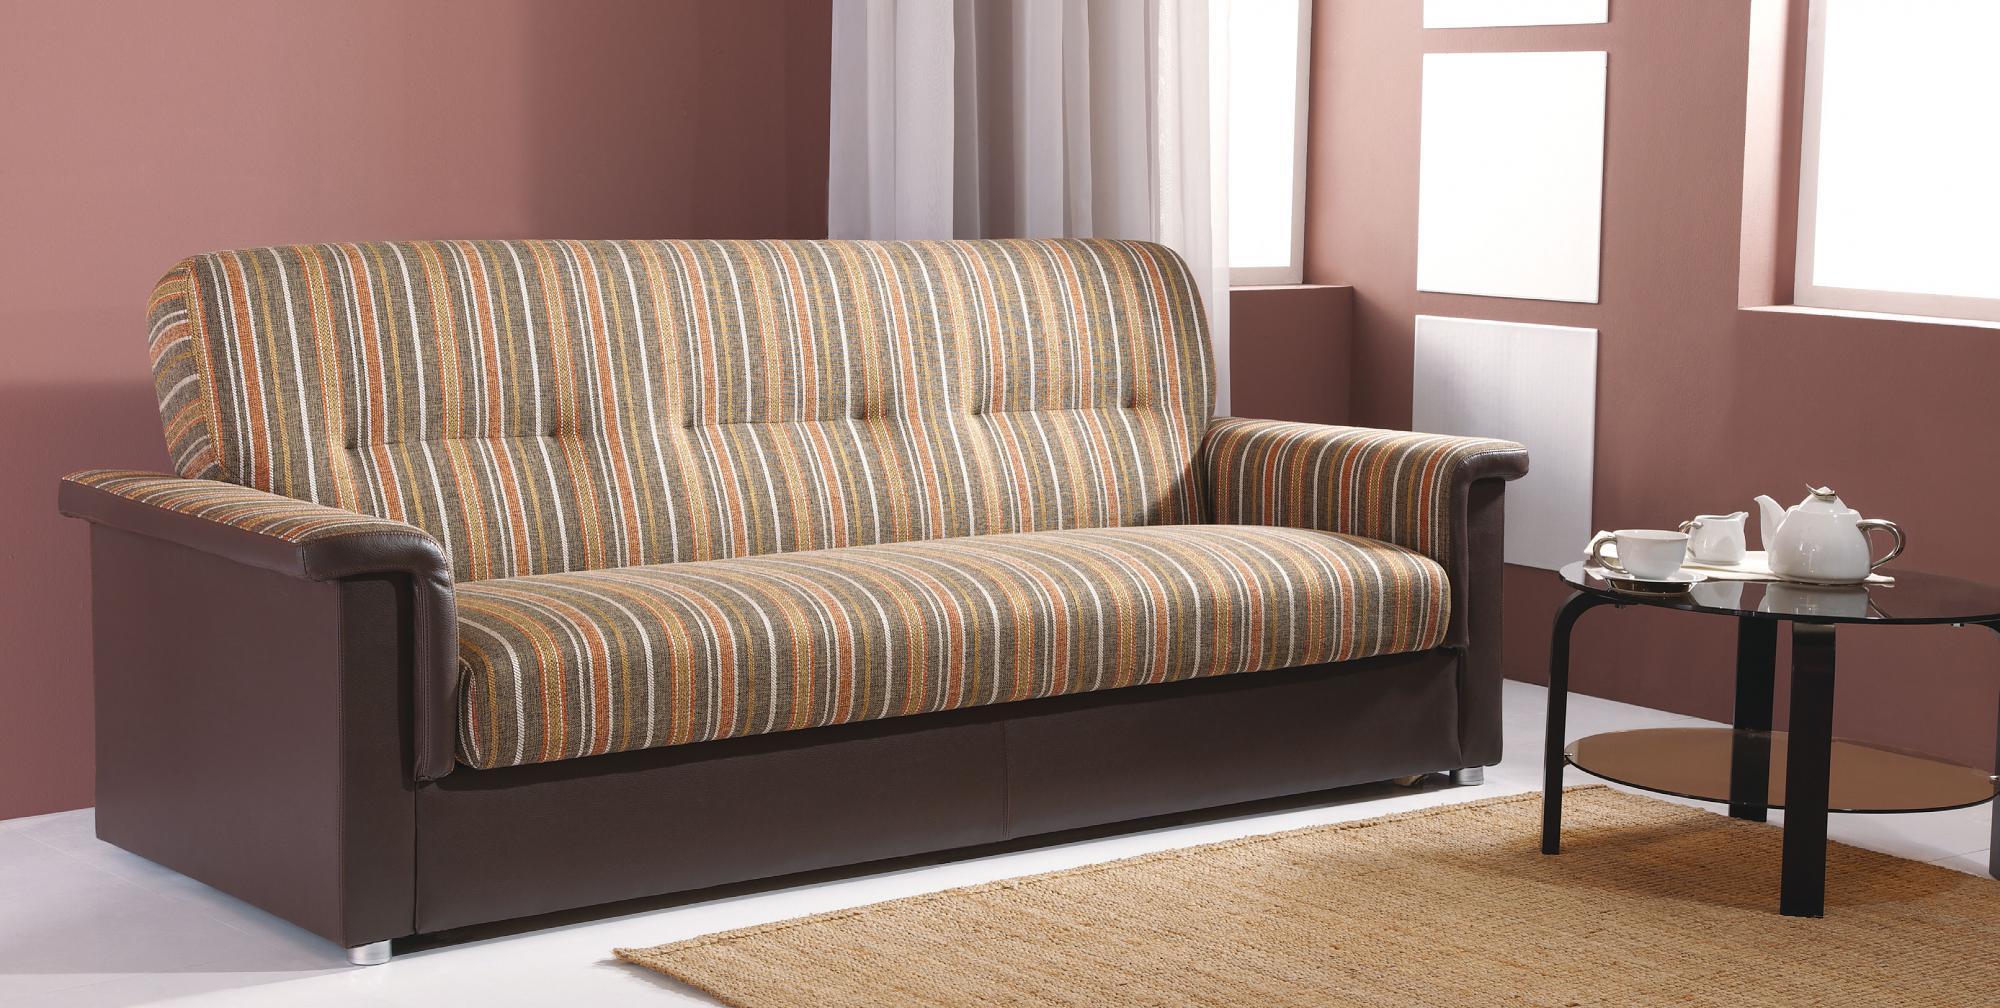 Производитель мебели: Элегия Боровичи | 1008x2000